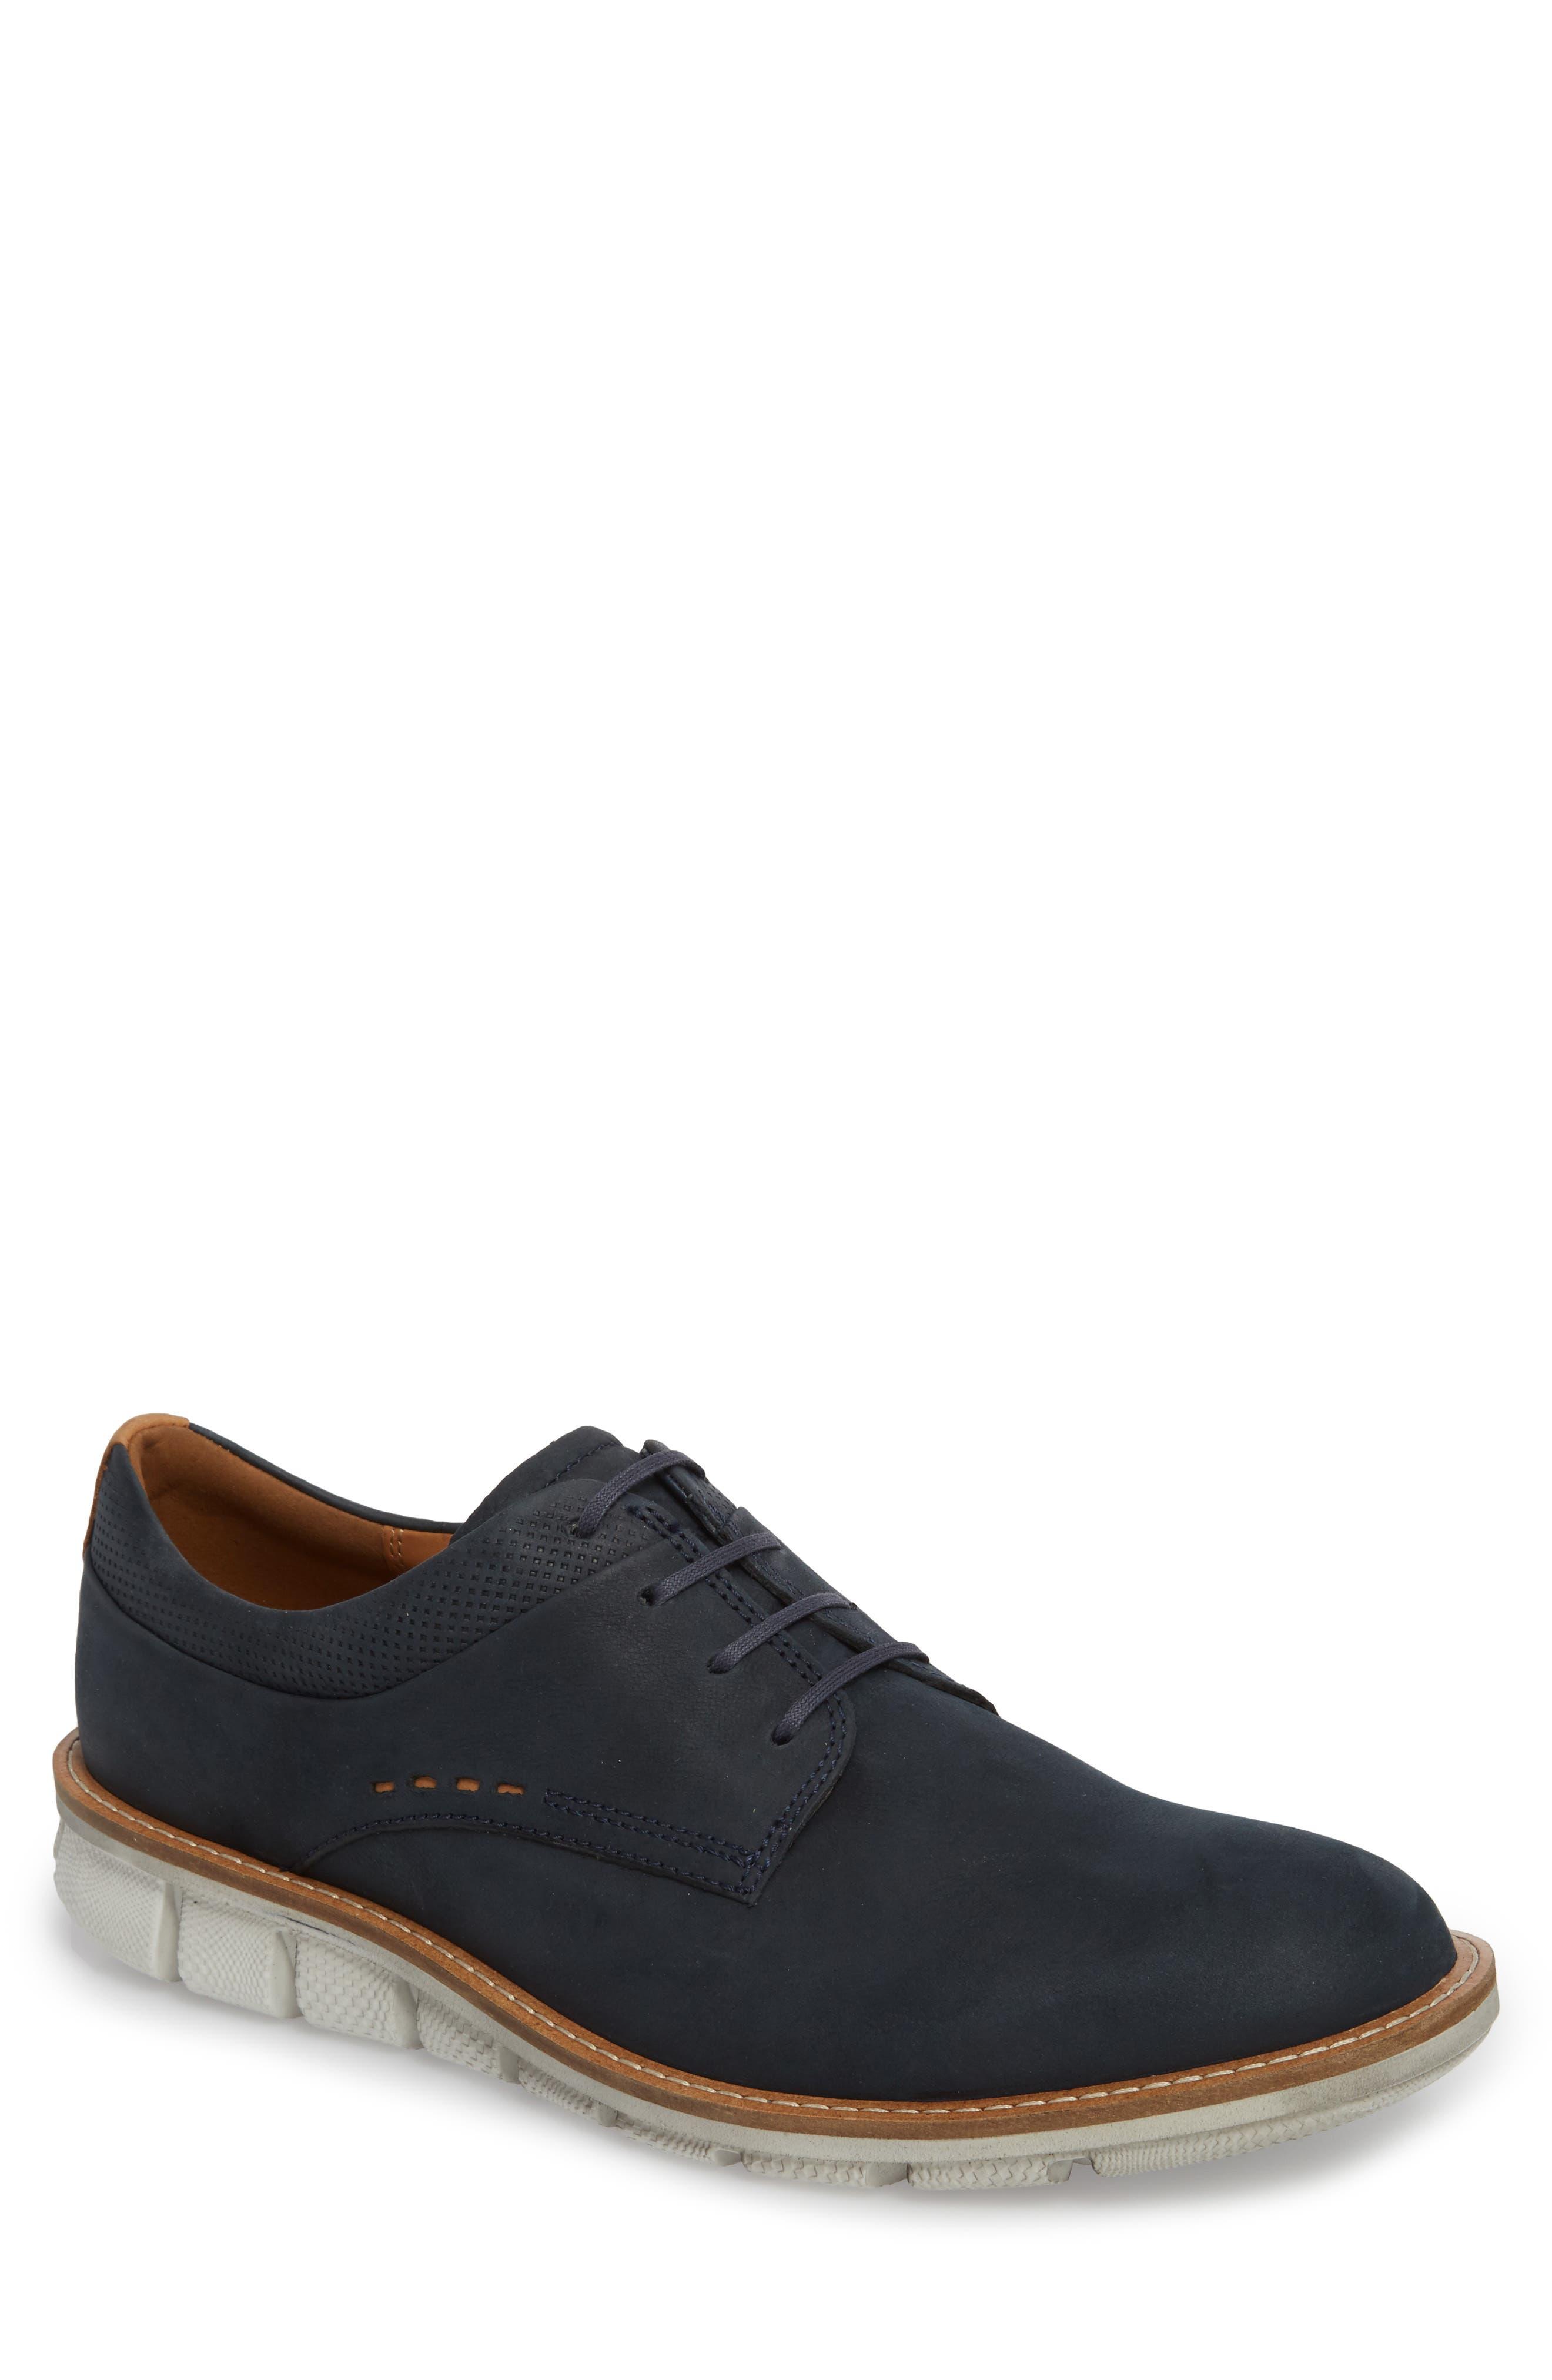 Jeremy Hybrid Plain Toe Derby,                         Main,                         color, Navy Leather